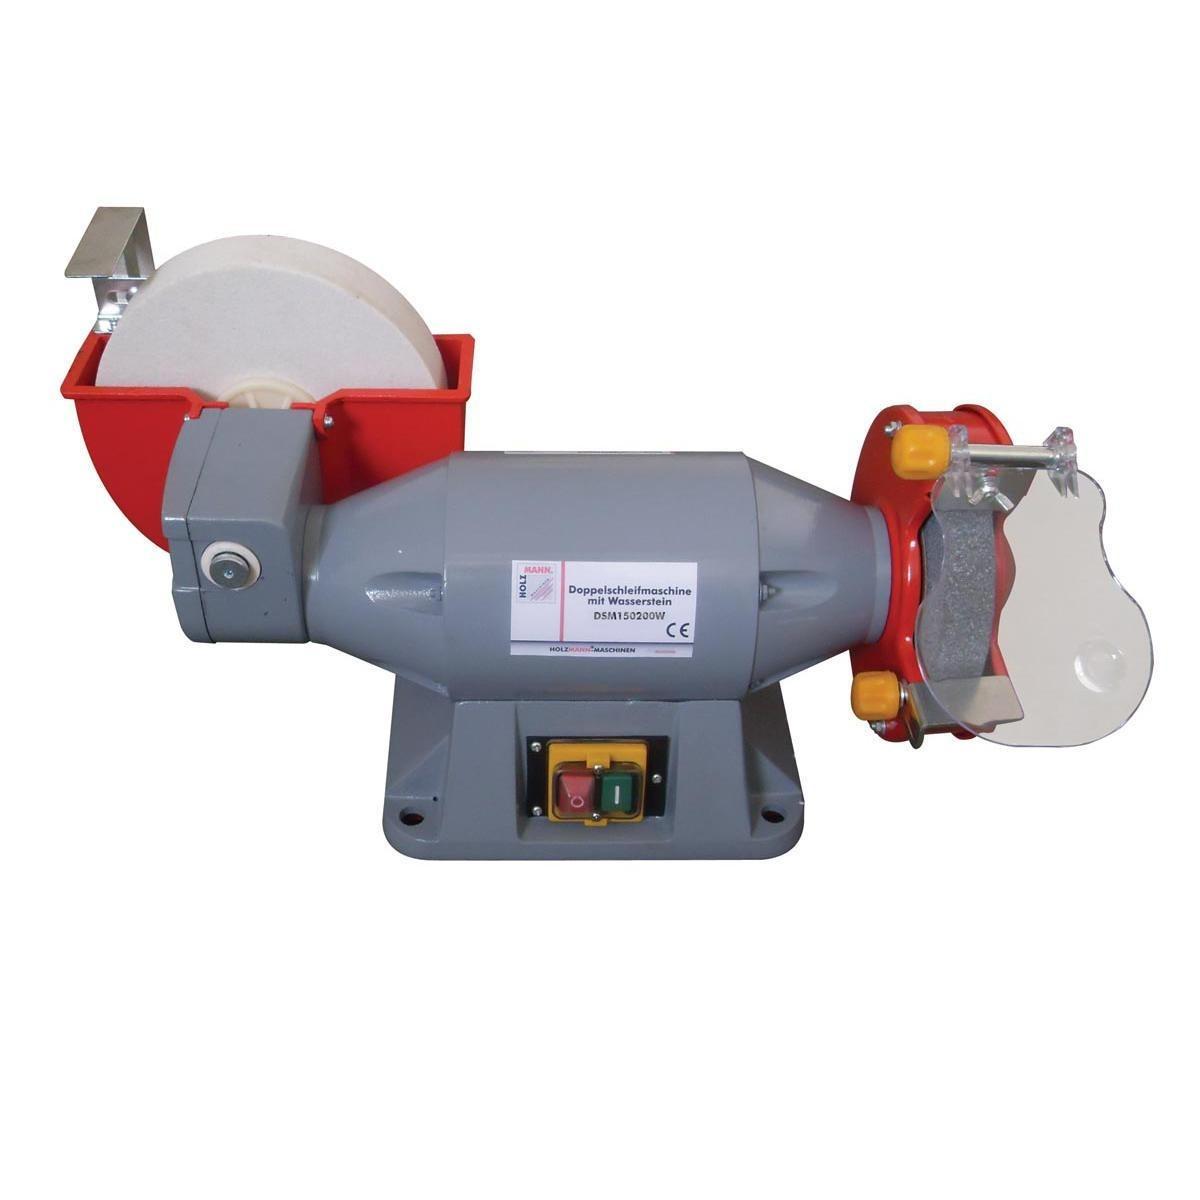 Touret à meuler à eau Holzmann  DSM 150 200 W - #01